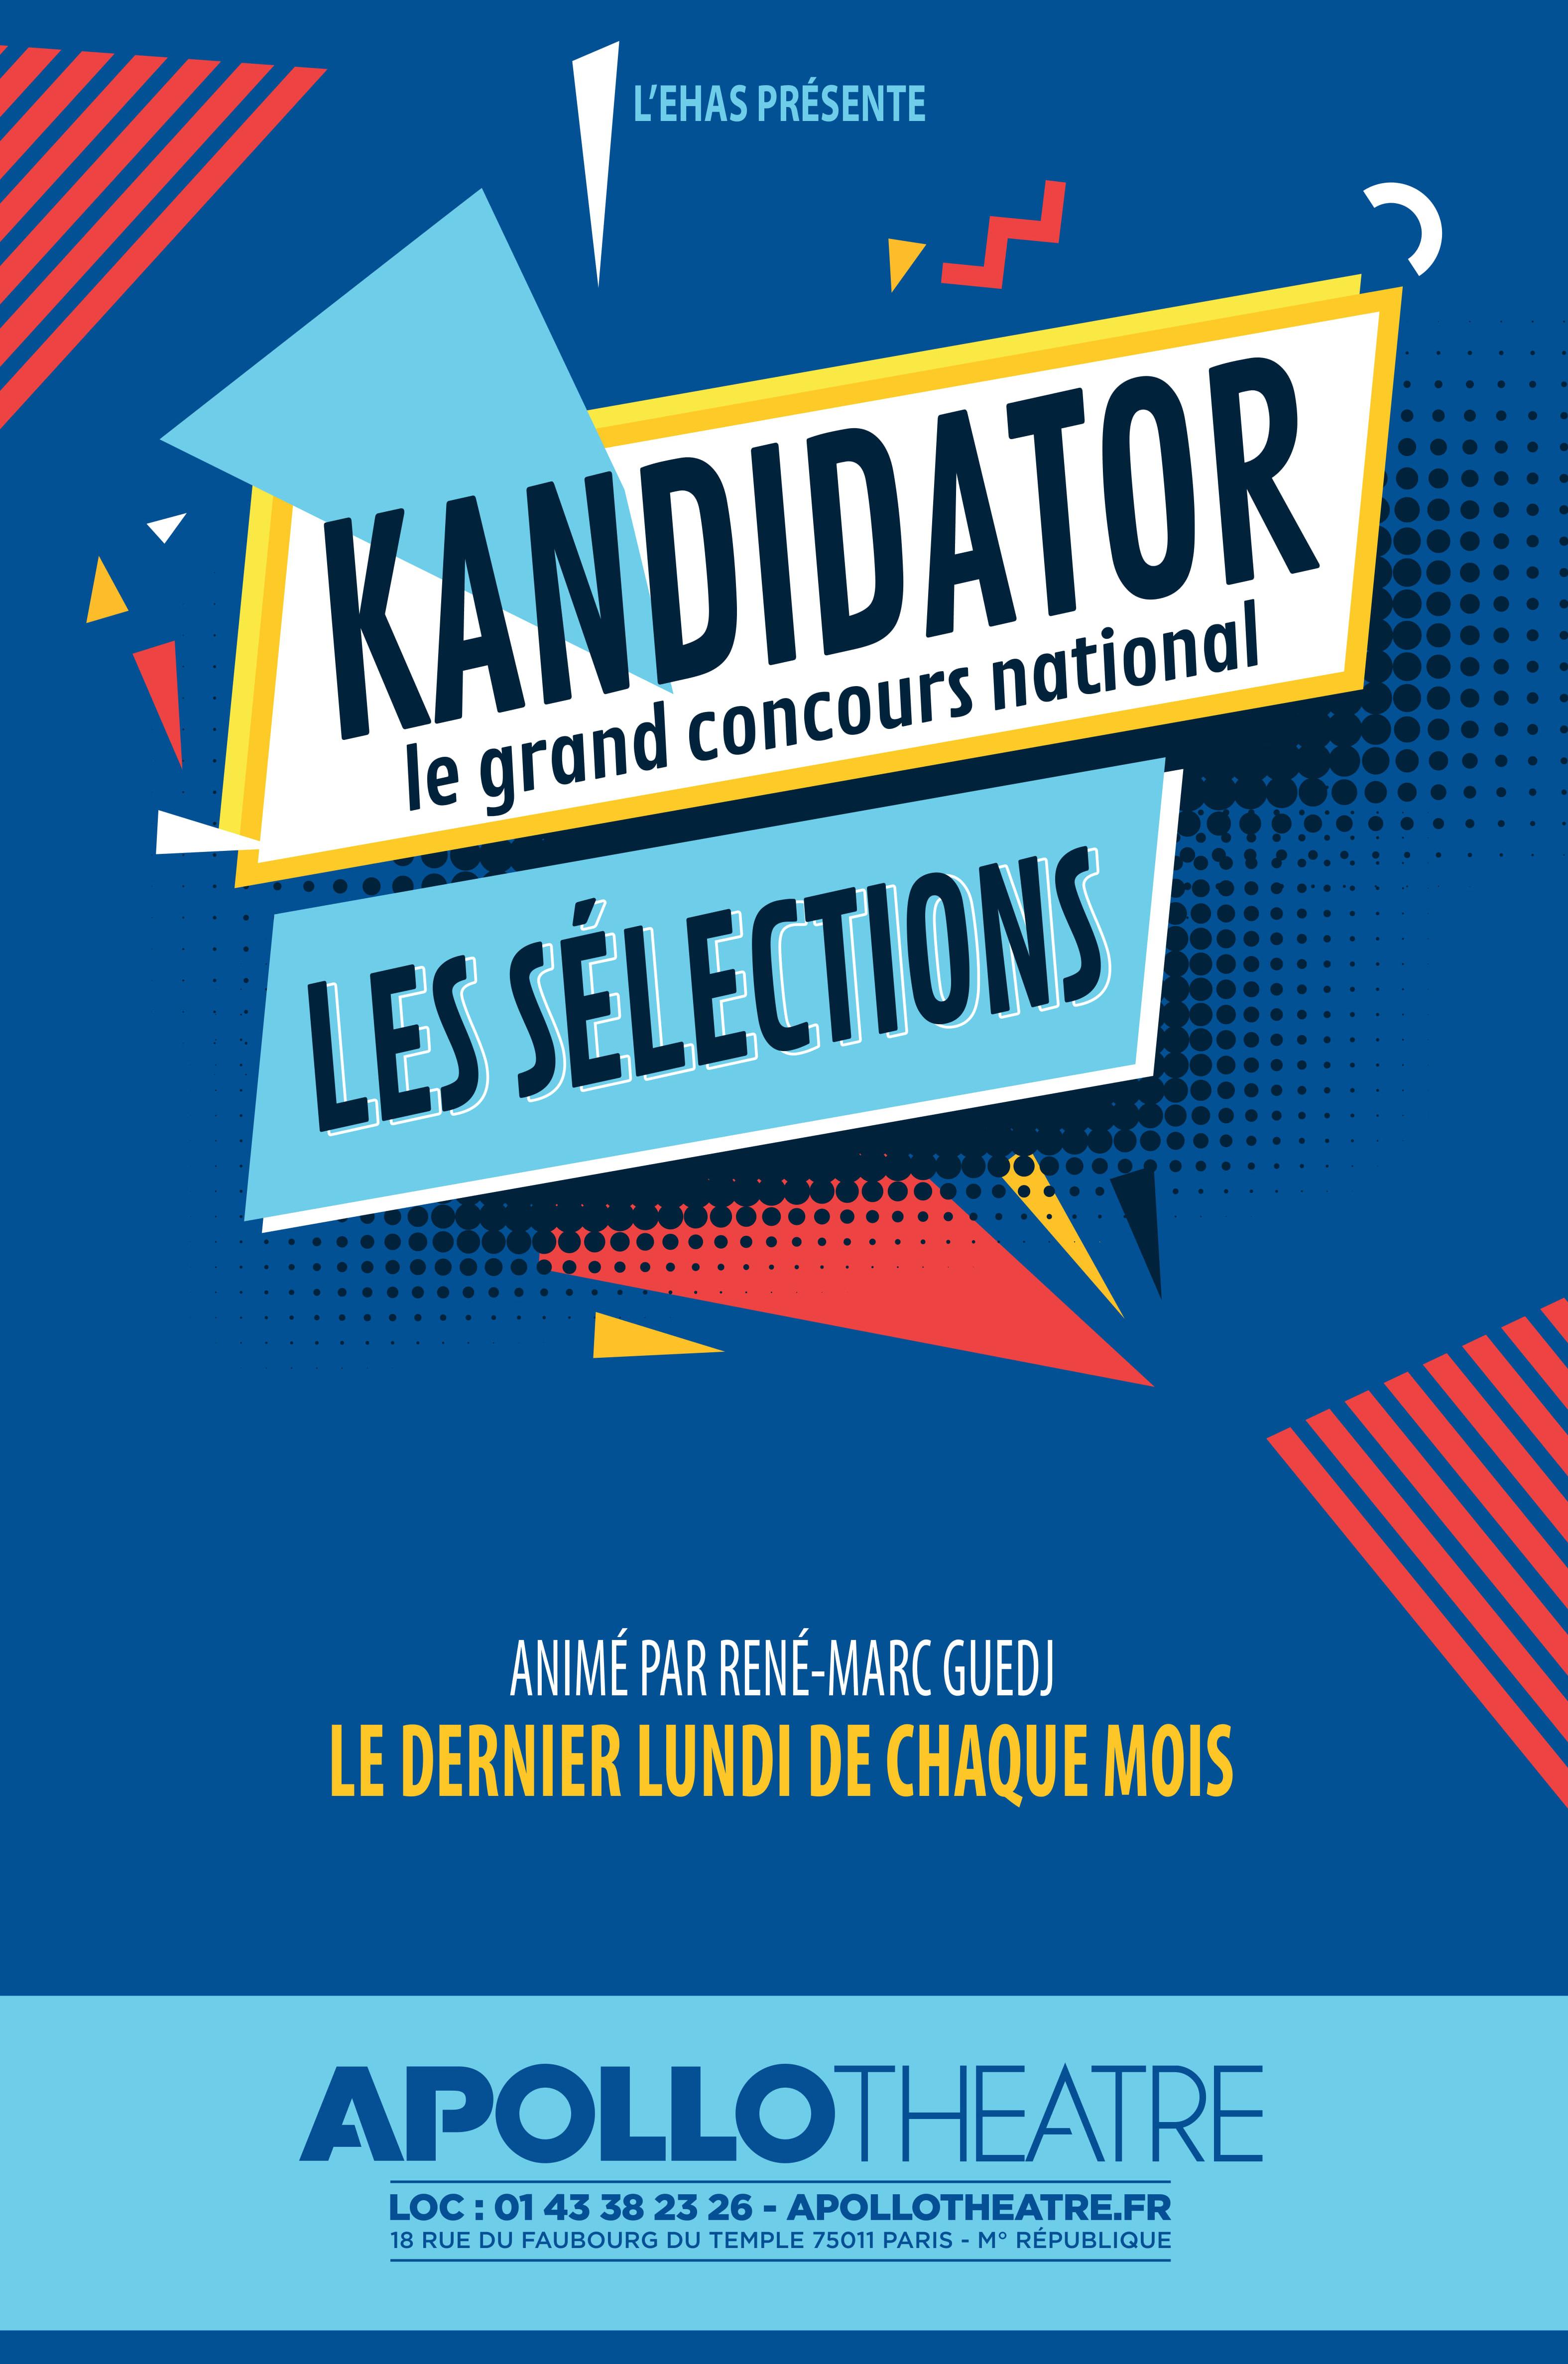 Grand Concours National - Talents 2021, le 28 Septembre - Apollo Théâtre